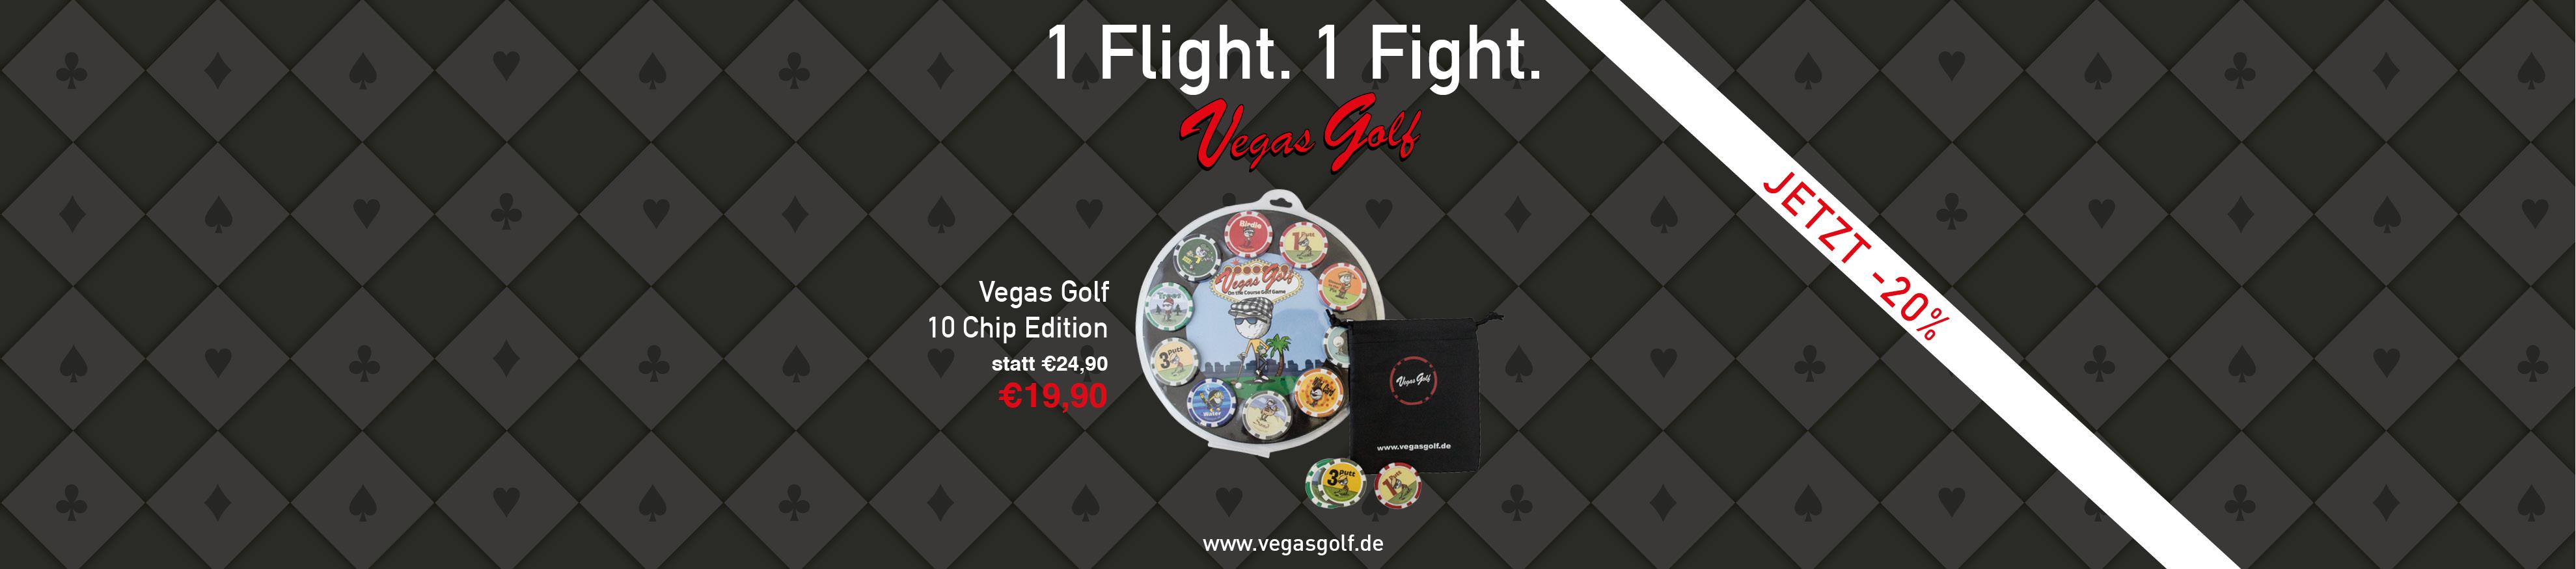 Vegas Golf - Das Nr.1 Spiel für den Golfplatz